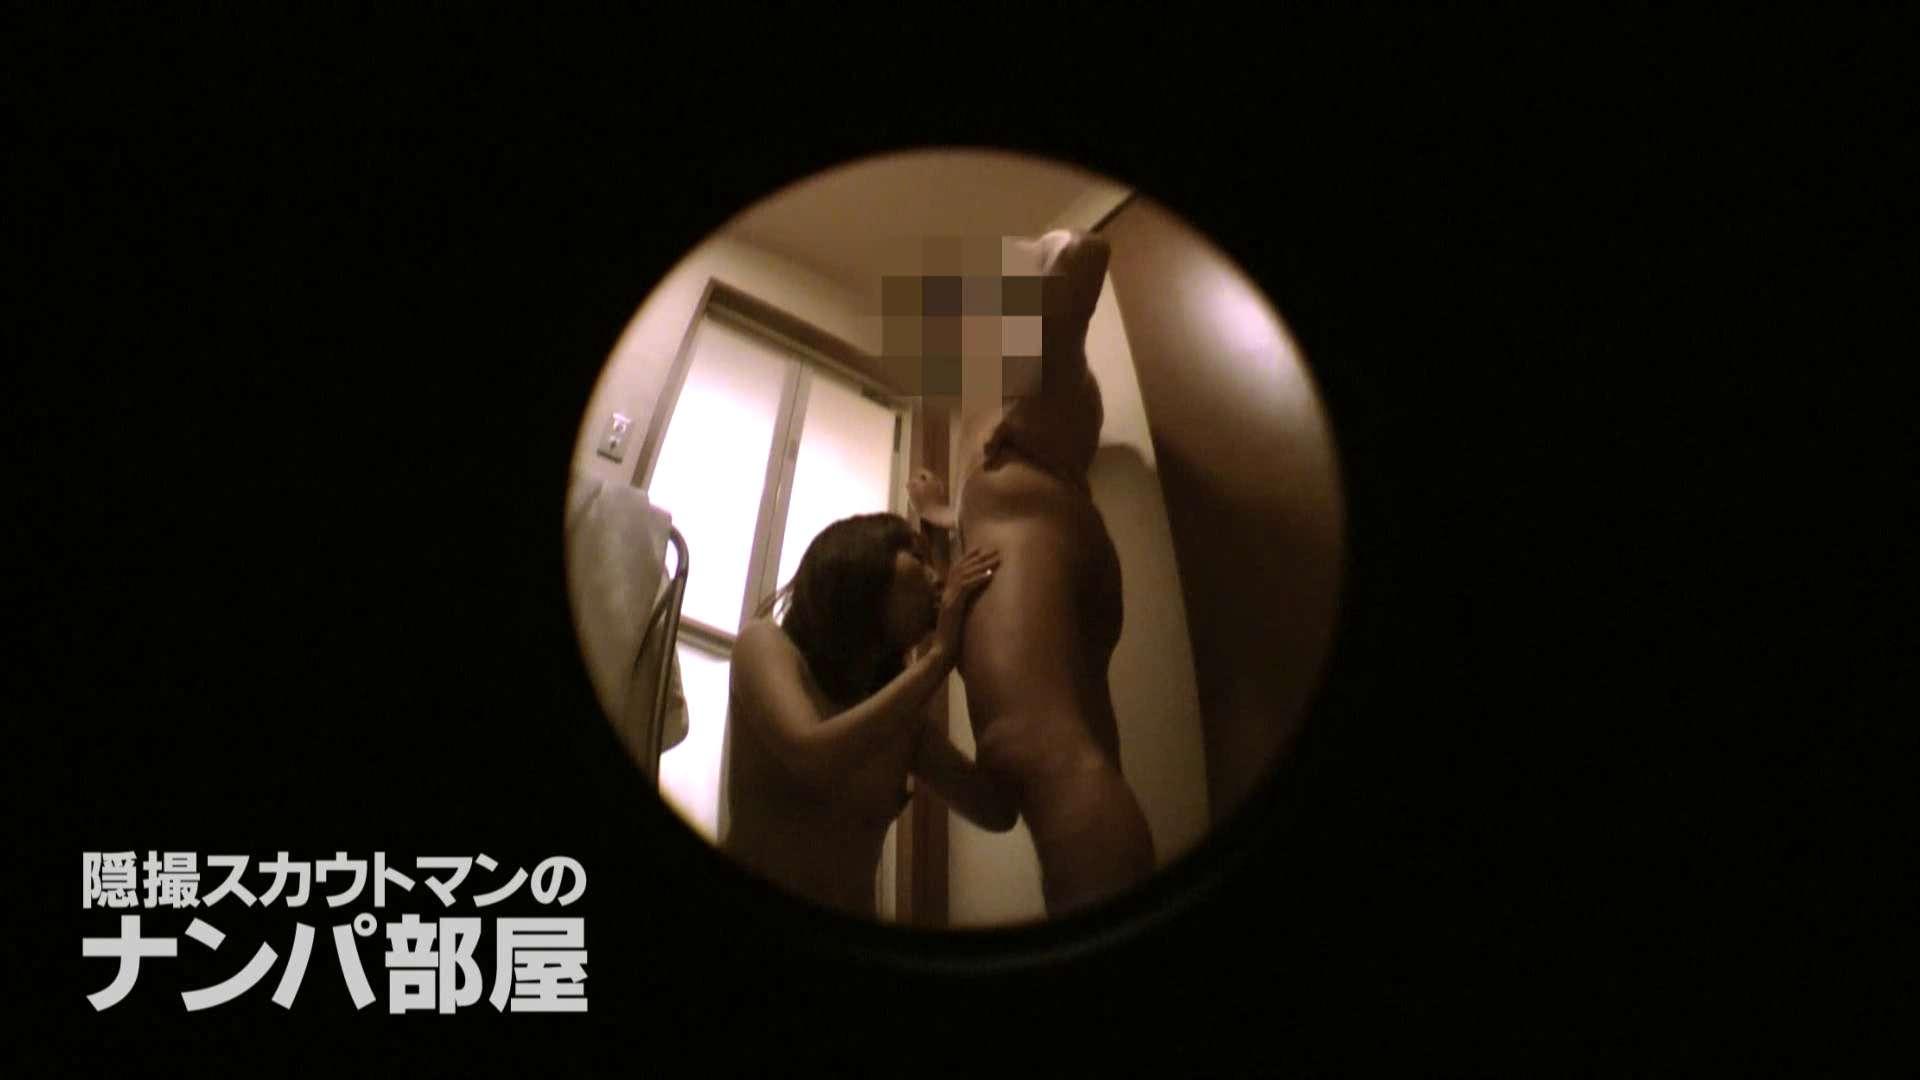 隠撮スカウトマンのナンパ部屋~風俗デビュー前のつまみ食い~ siivol.4 0 | 中出し  57PIX 31